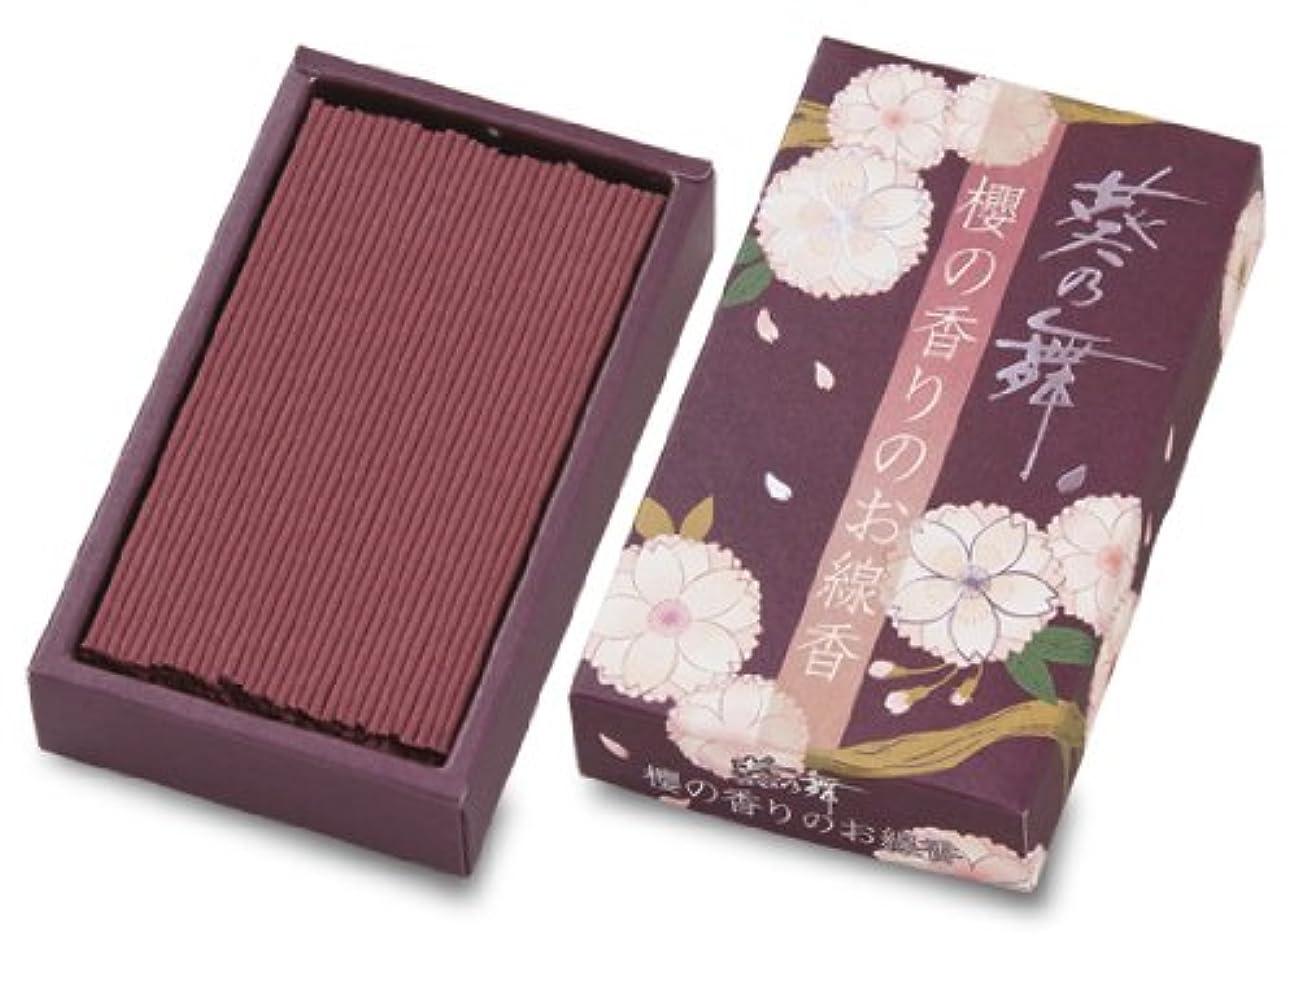 死の顎プライバシースチール葵乃舞 櫻の香りのお線香 各約130g